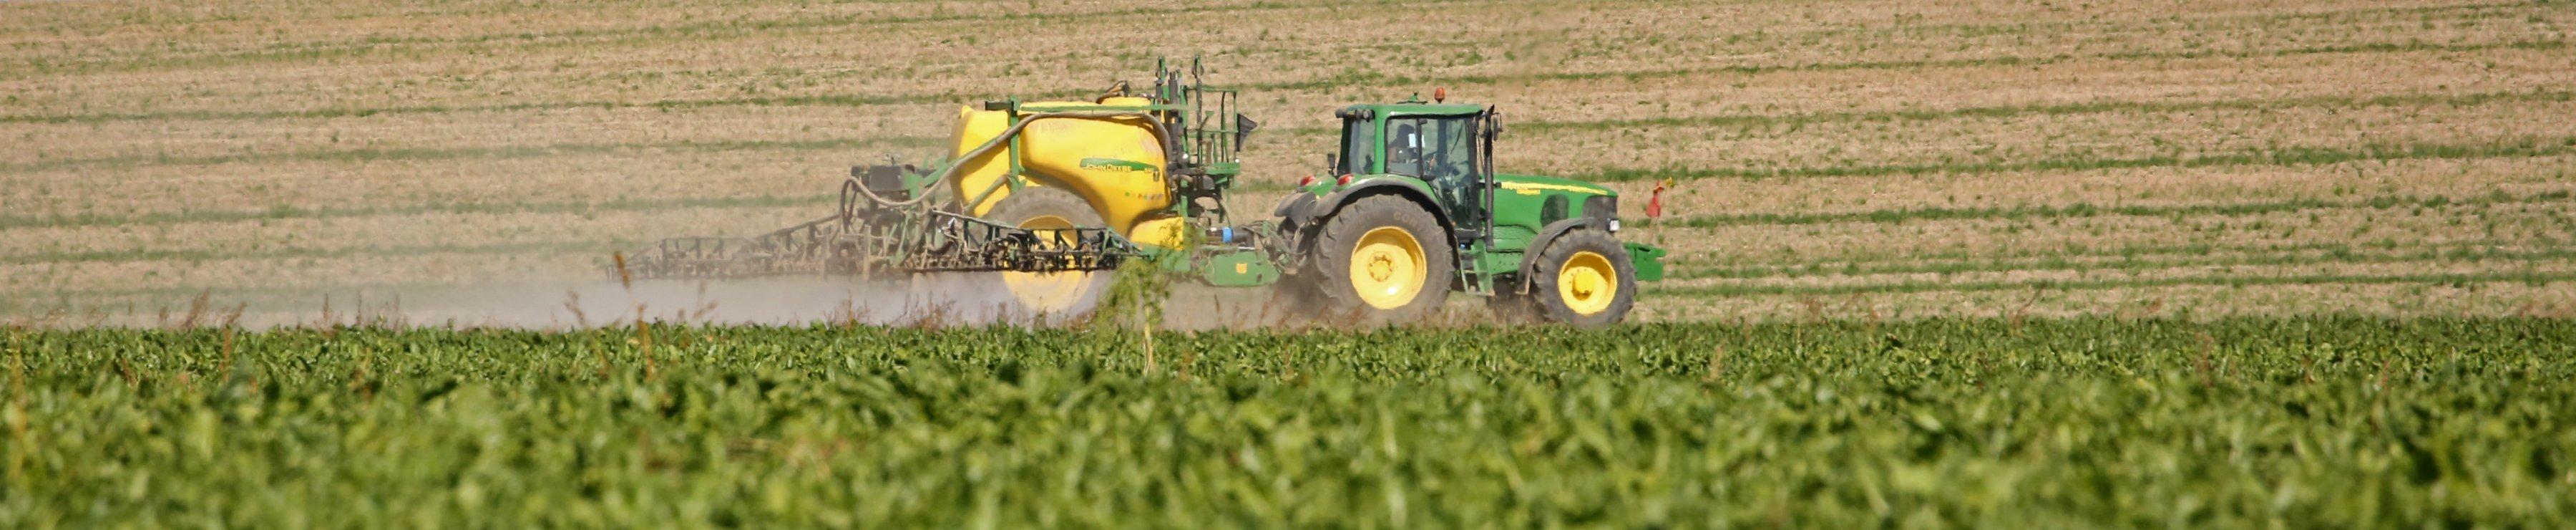 Ein Landwirt versprüht mit seinem Traktor Pestizide auf einem Acker.